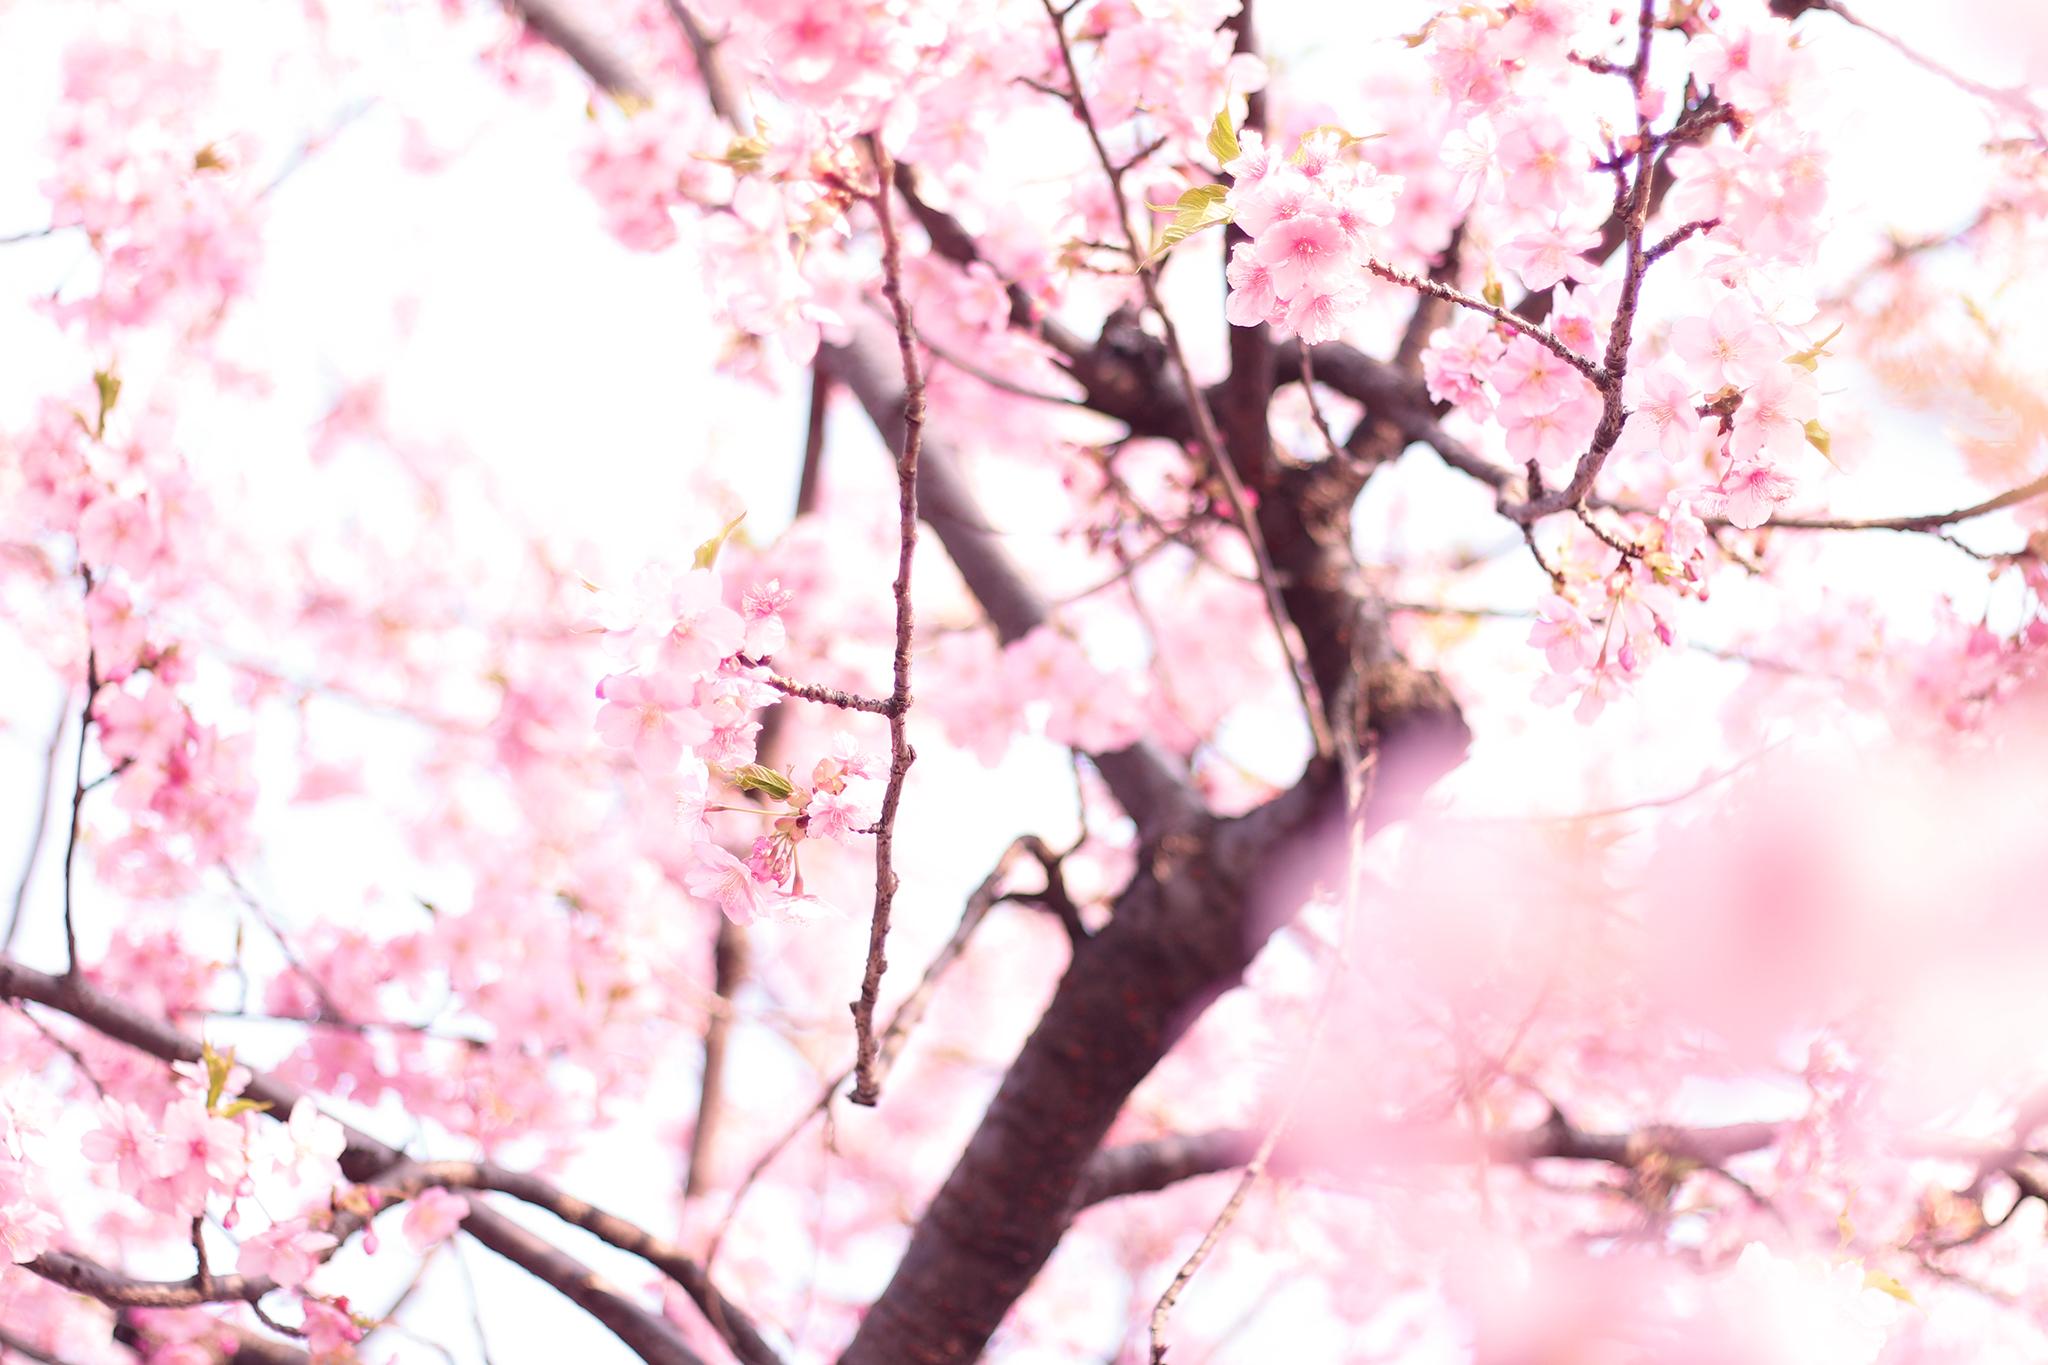 レジンBOT企画「春レジン企画」